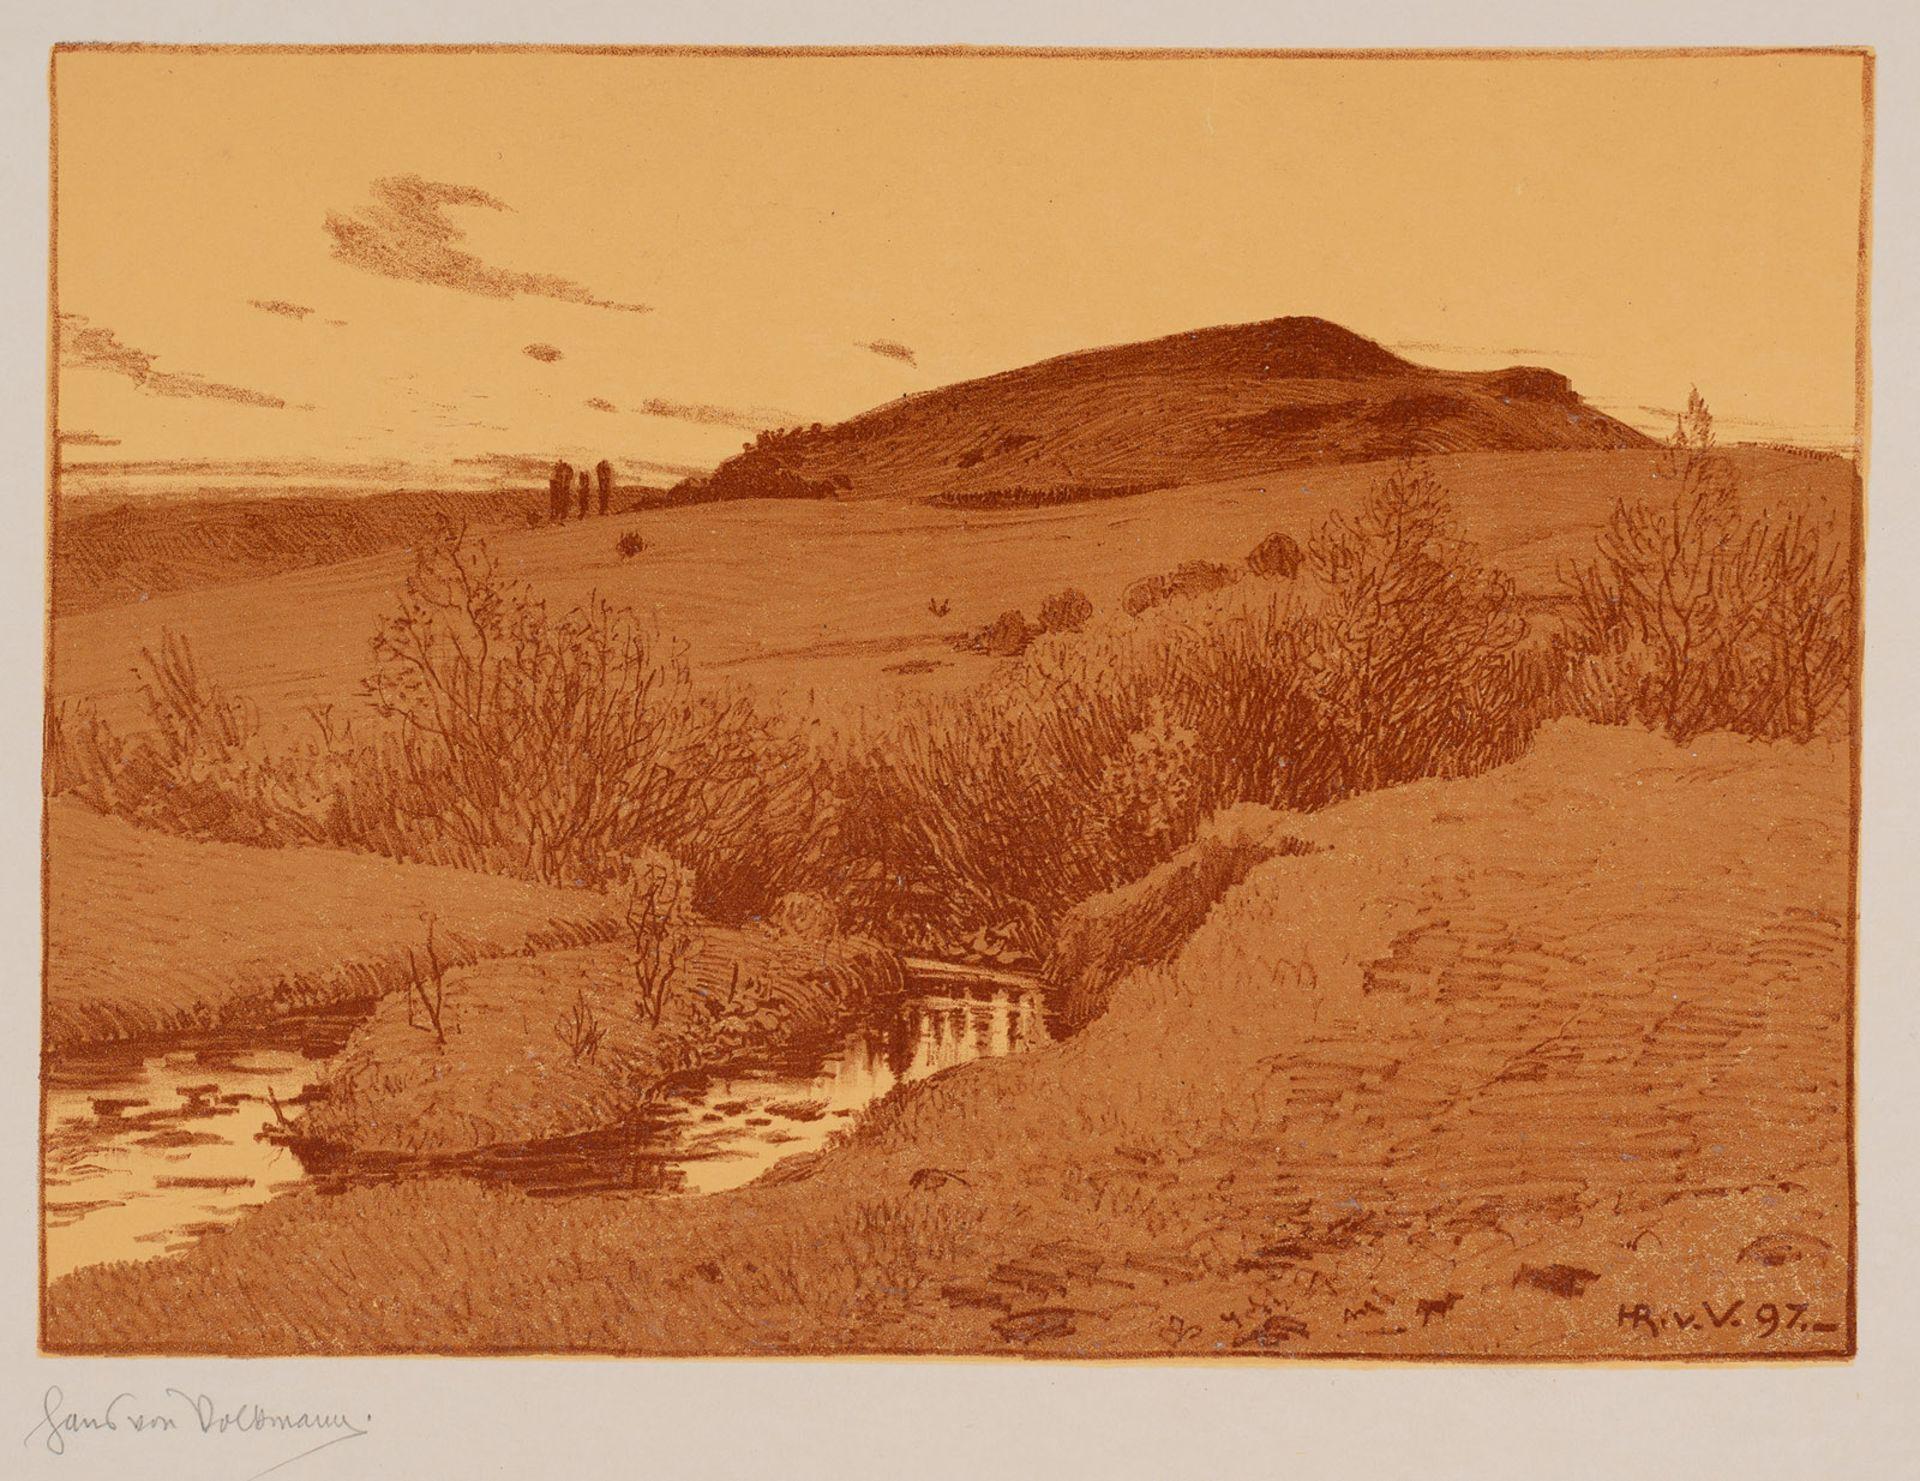 Volkmann, Hans Richard von - Image 9 of 10